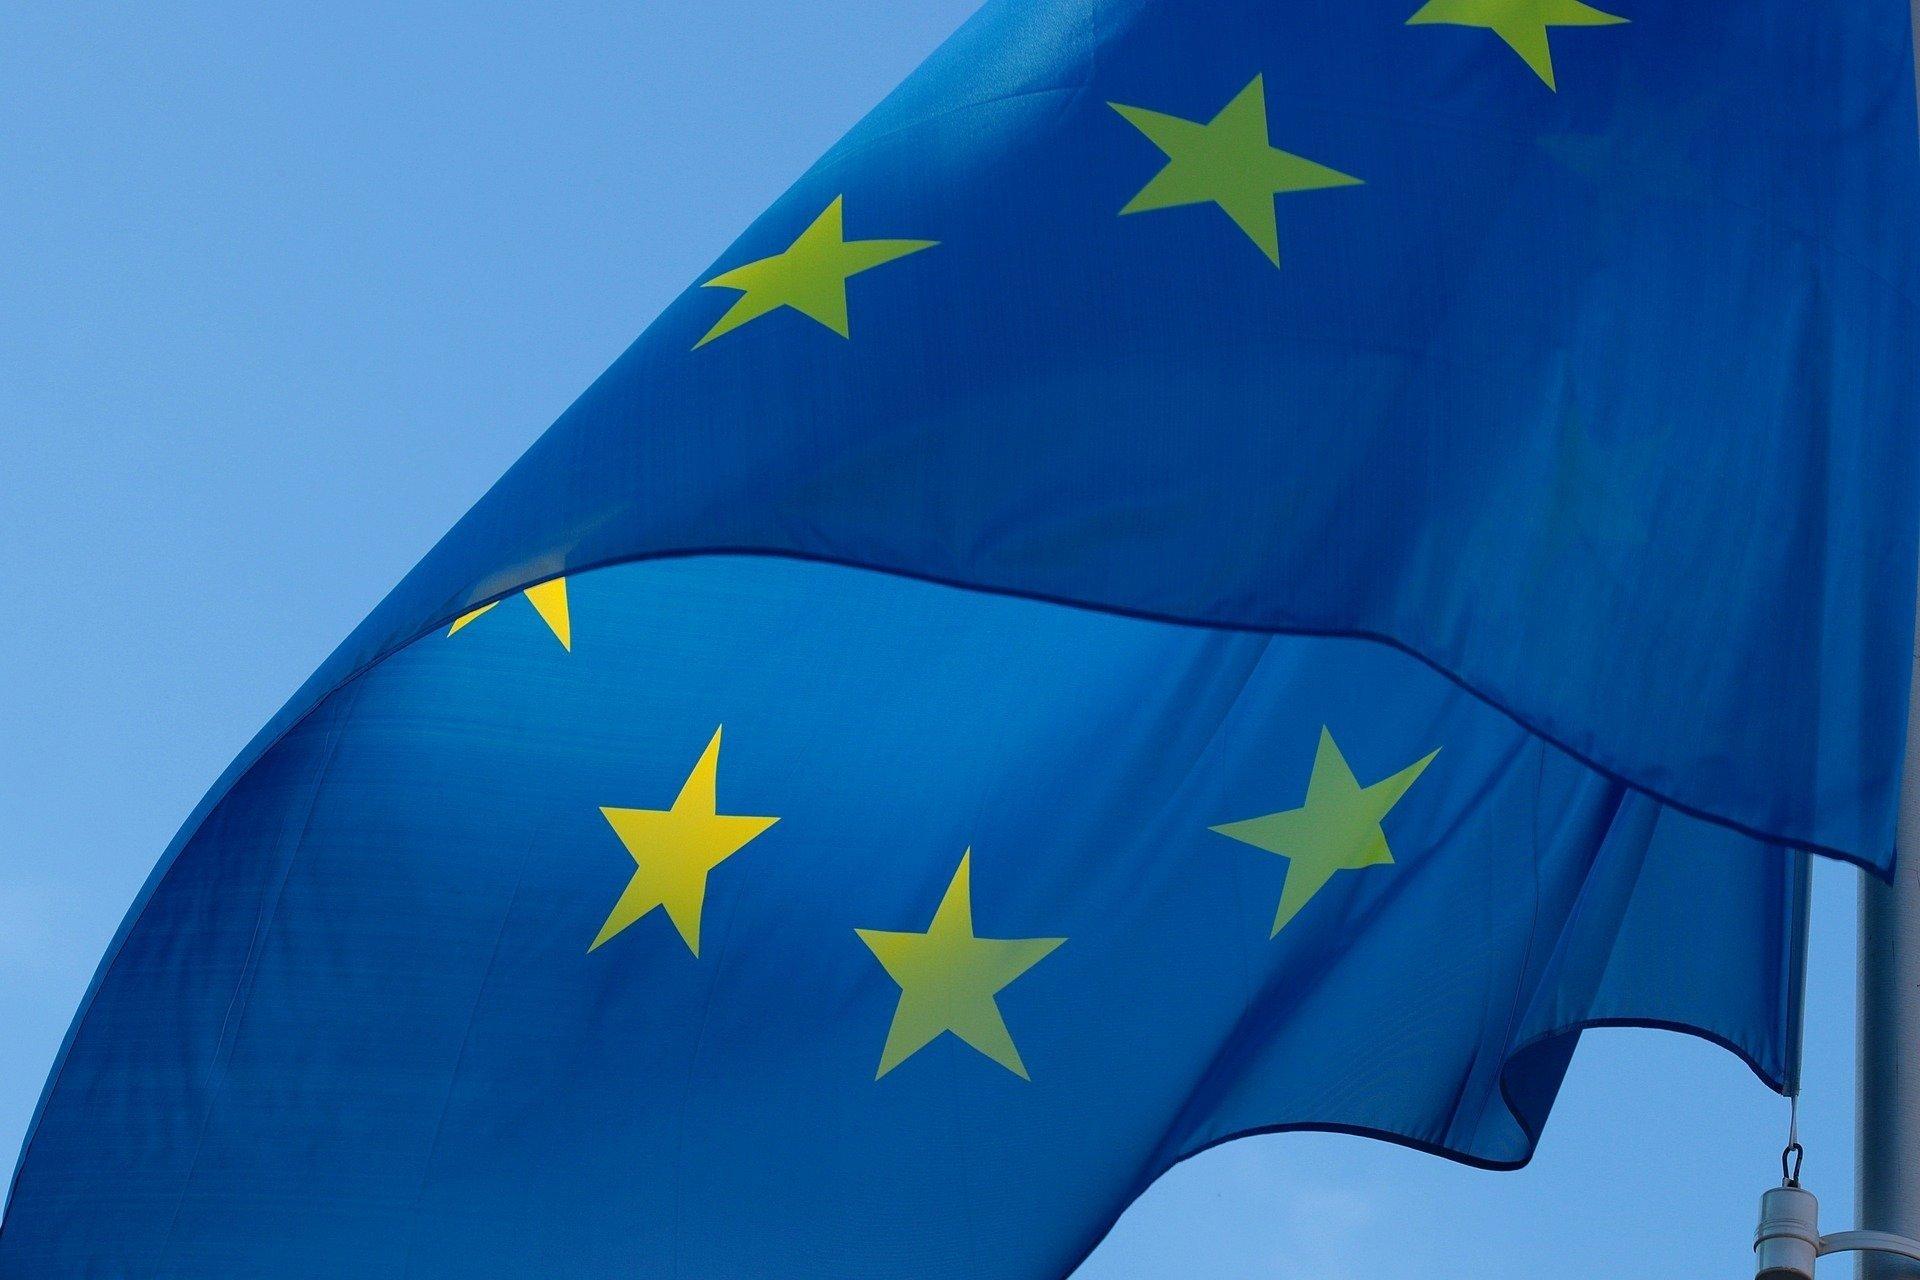 13 членов ЕС просят поделиться вакцинами с Украиной